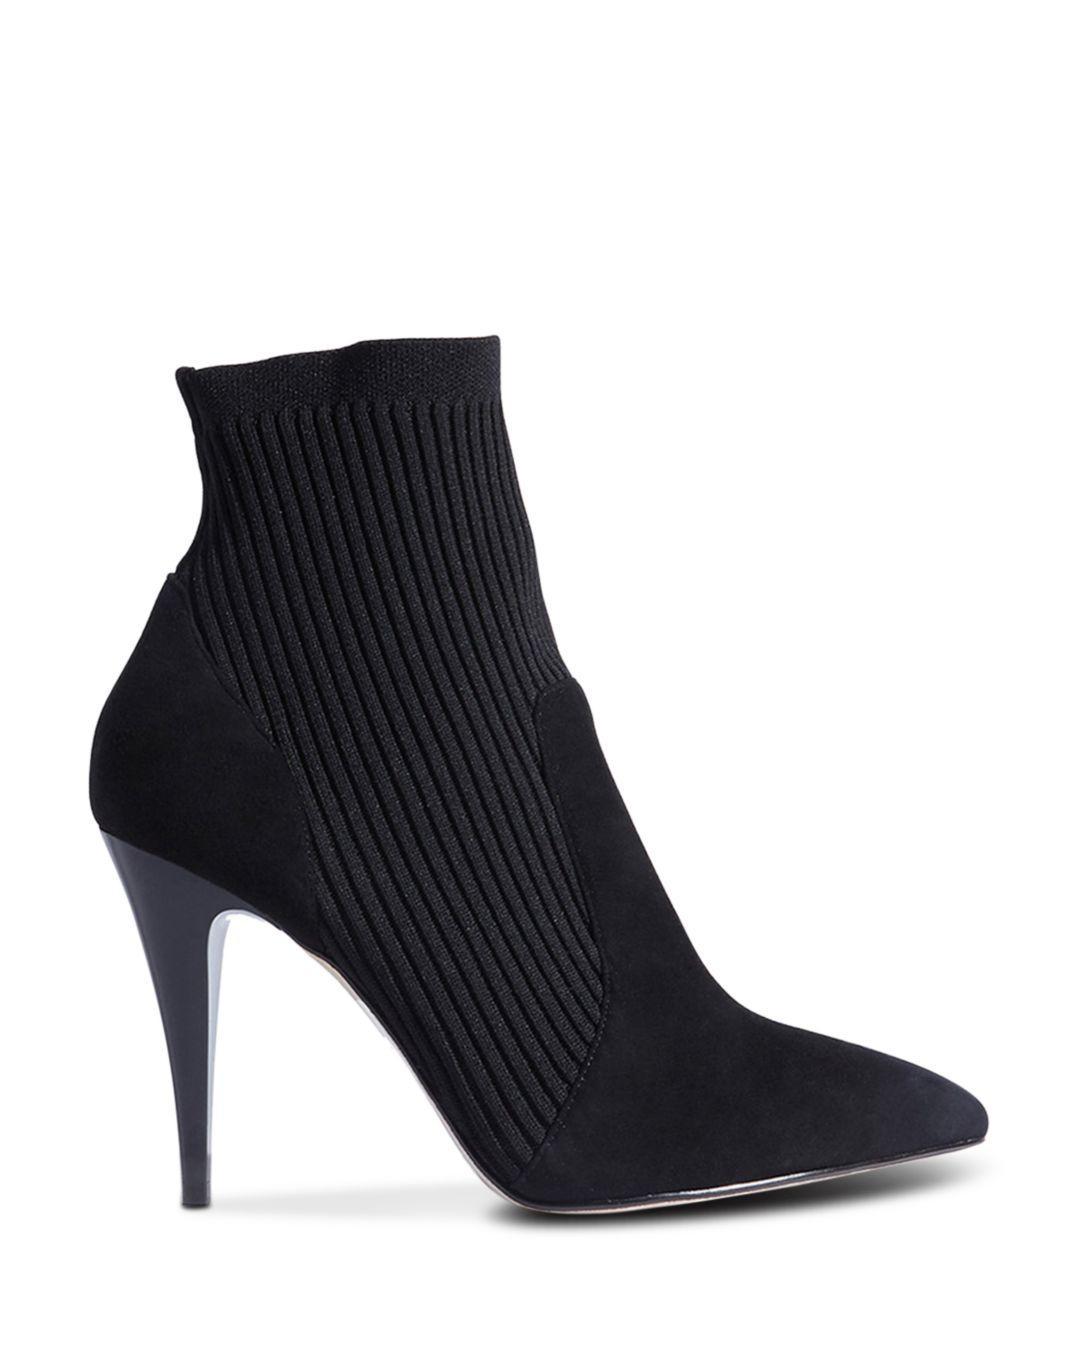 1f905b0840d1 Sports & Outdoors Hunzed Women【Leopard Stiletto Heels】 Pointy Toe Pumps for Women  Usual Dress Shoes Swimwear